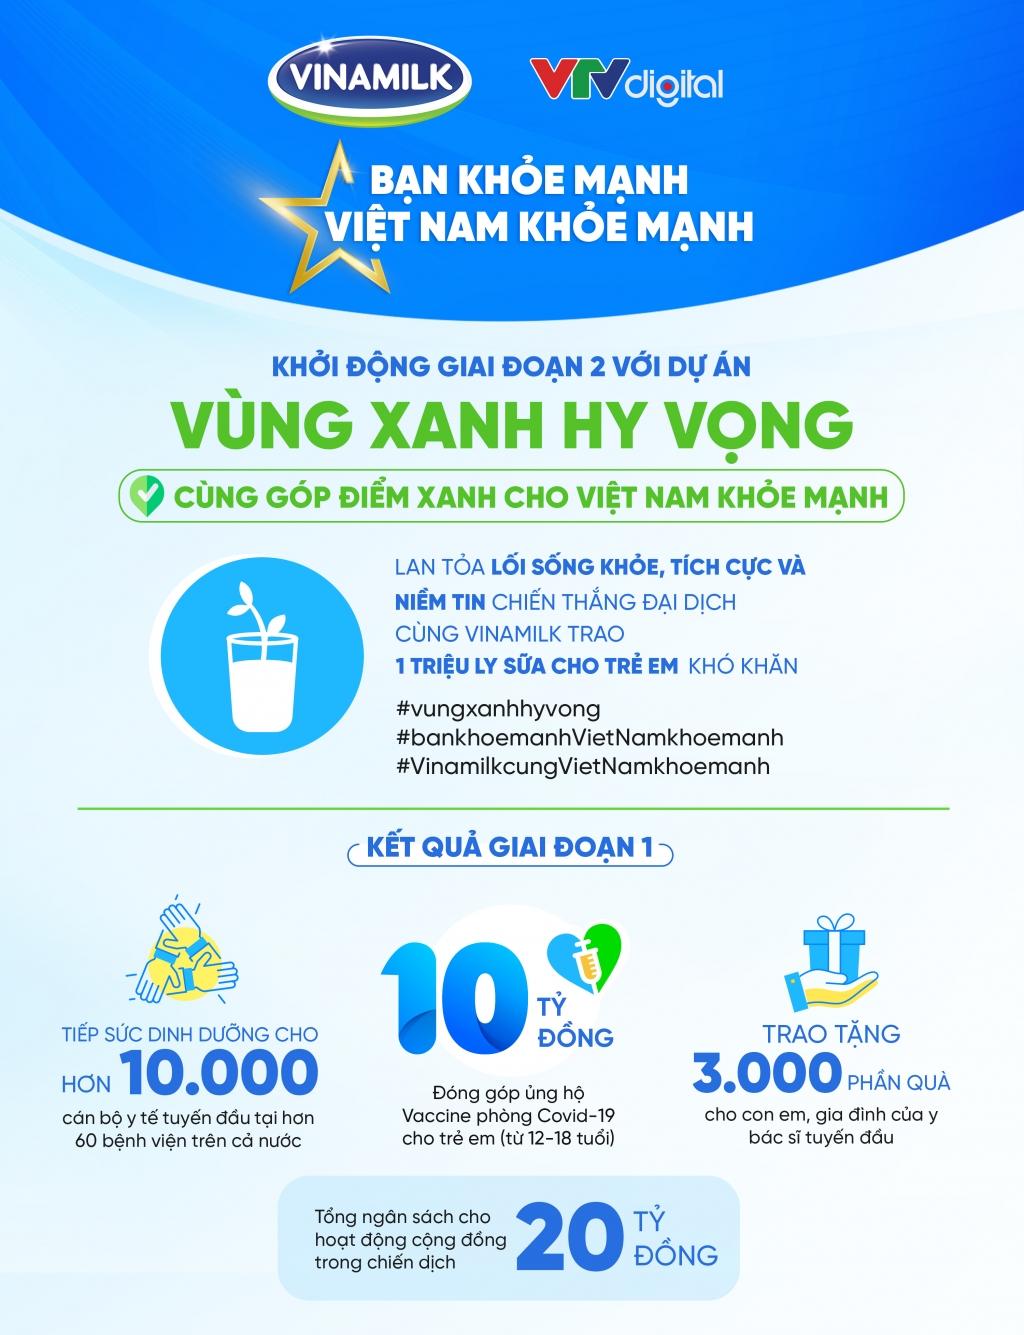 """Tổng quan các hoạt động trong khuôn khổ chiến dịch """"Bạn Khỏe Mạnh, Việt Nam Khỏe Mạnh"""